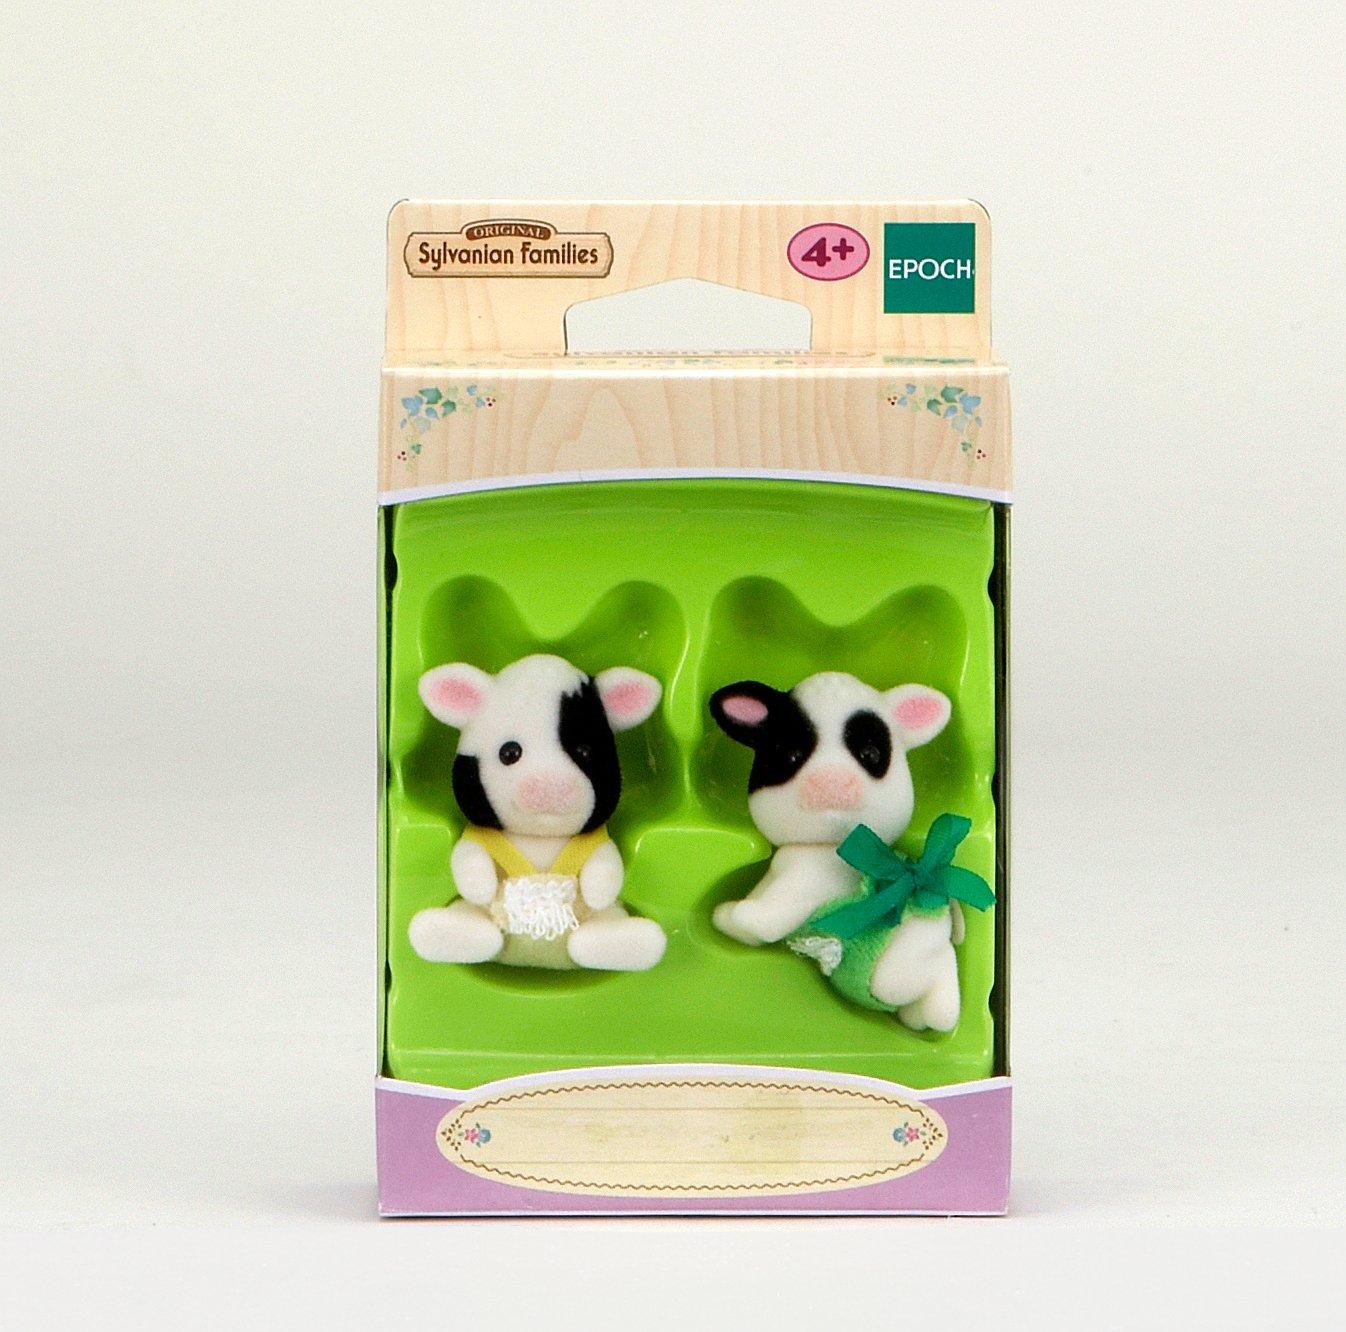 Sylvanian Families 3557 - Figuras de terneros gemelos, color blanco y negro con lazo amarillo y verde: Amazon.es: Juguetes y juegos